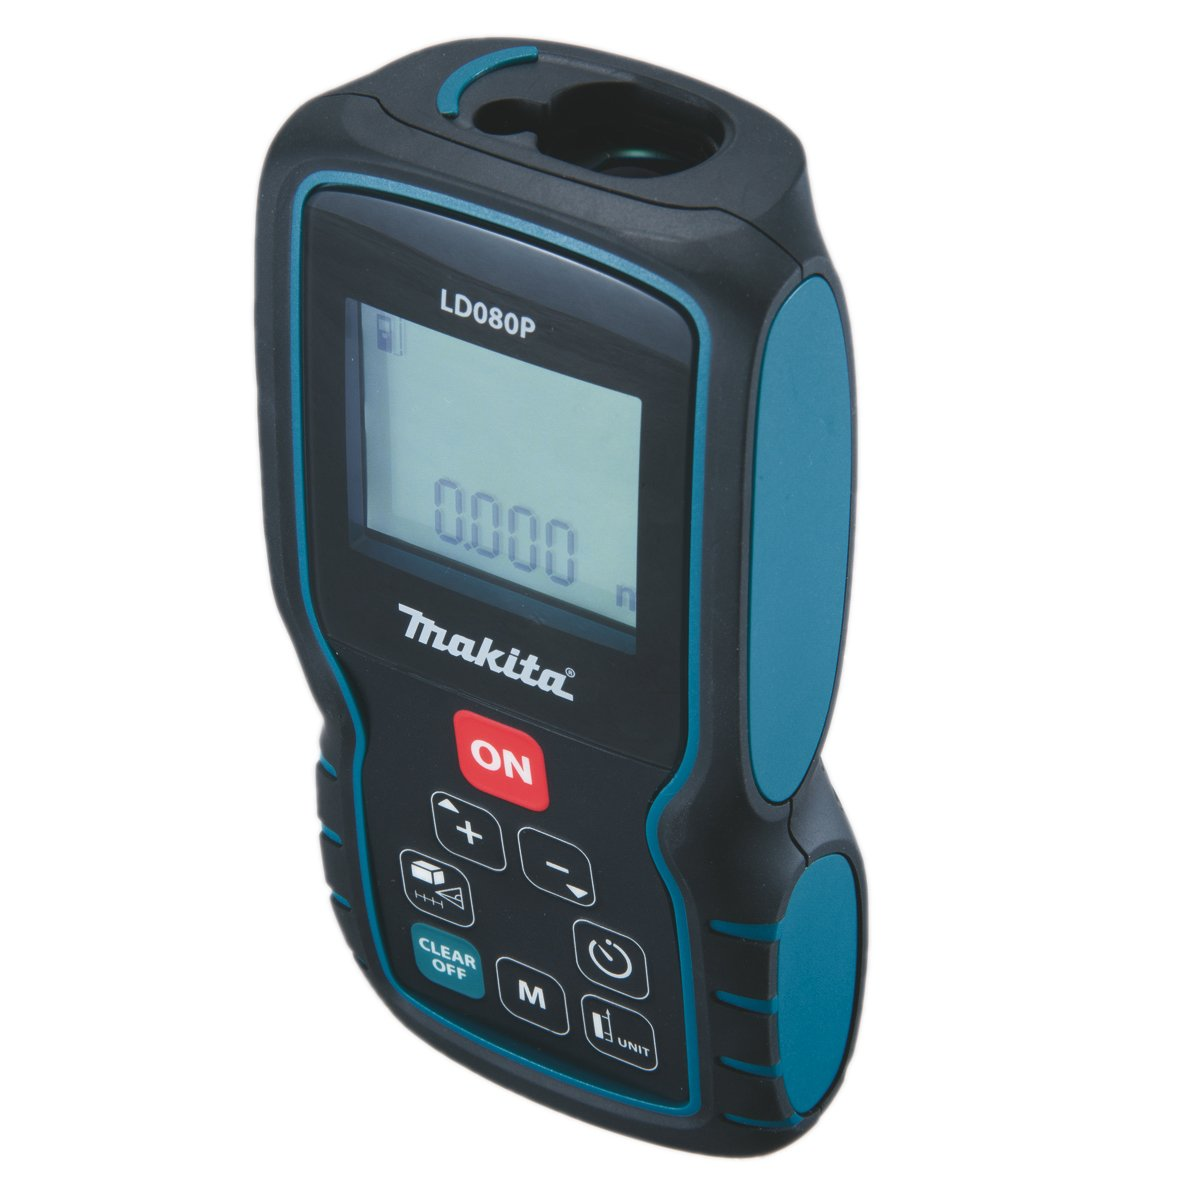 Makita LD080P Professioneller Laser  Distanzmessgerät, ± 1.5 mm, IP54  geschützt  BaumarktÜberprüfung und Beschreibung